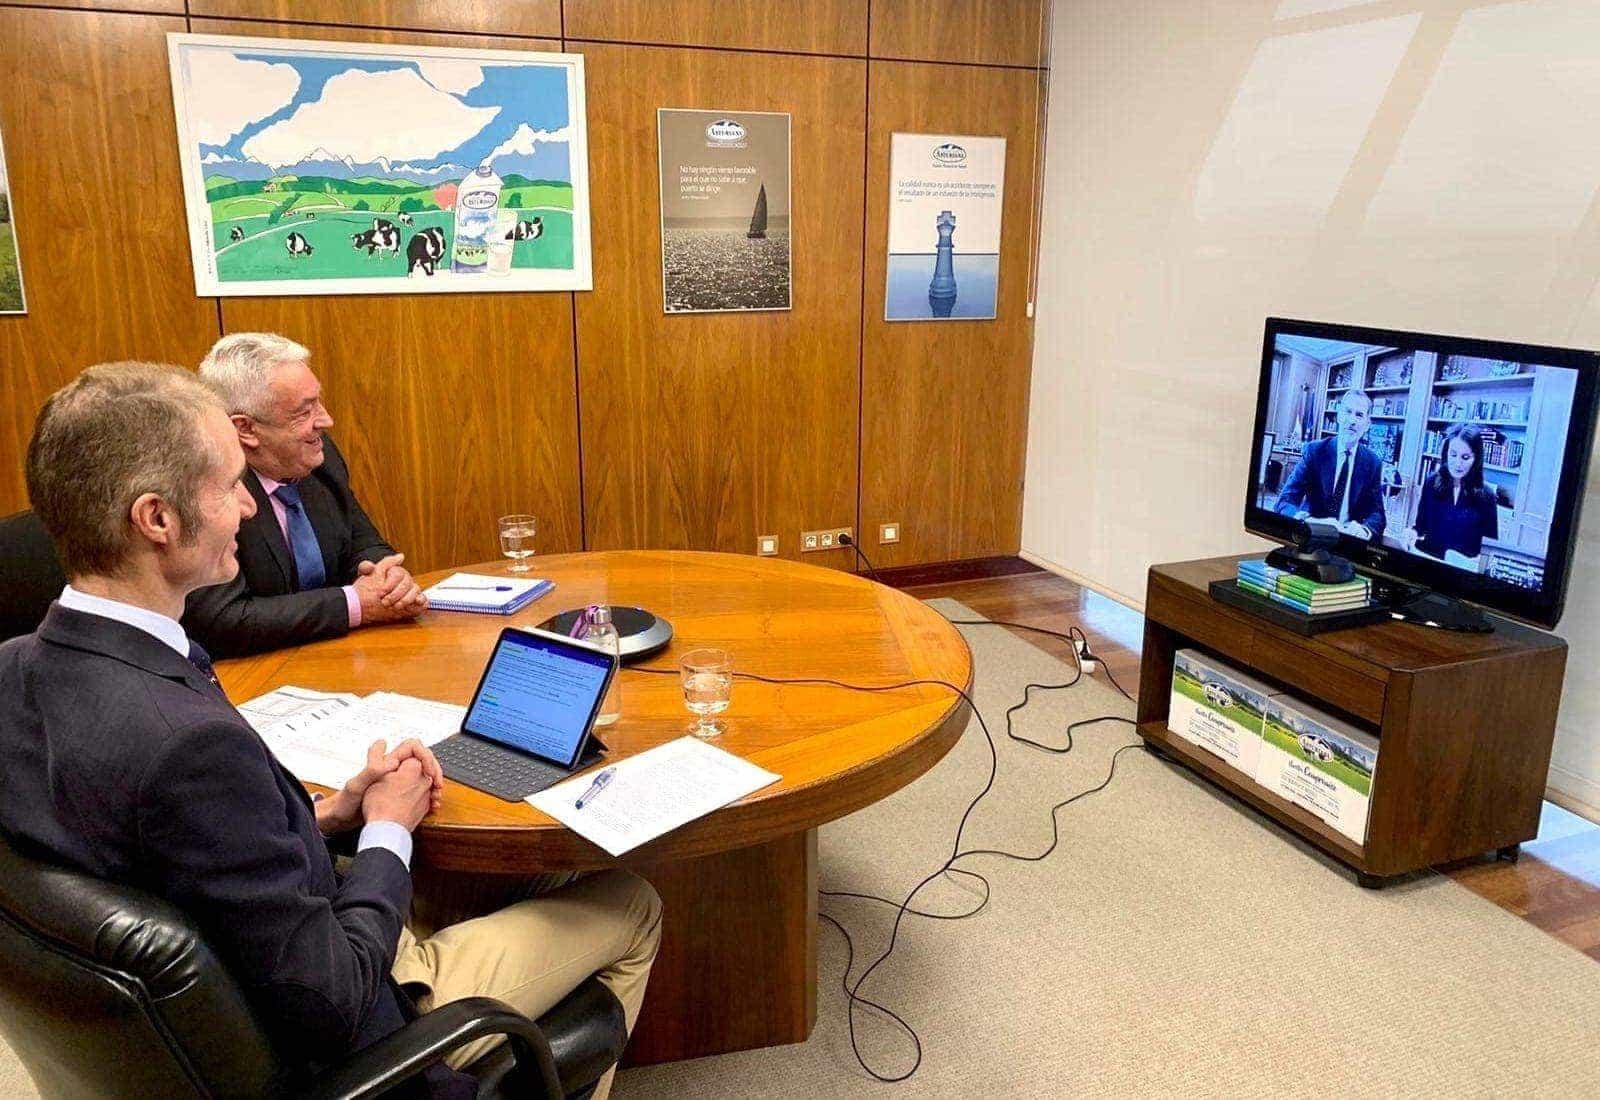 El Presidente de Central Lechera Asturiana SAT y Capsa Food y su director general en videoconferencia con SS MM Los Reyes de España